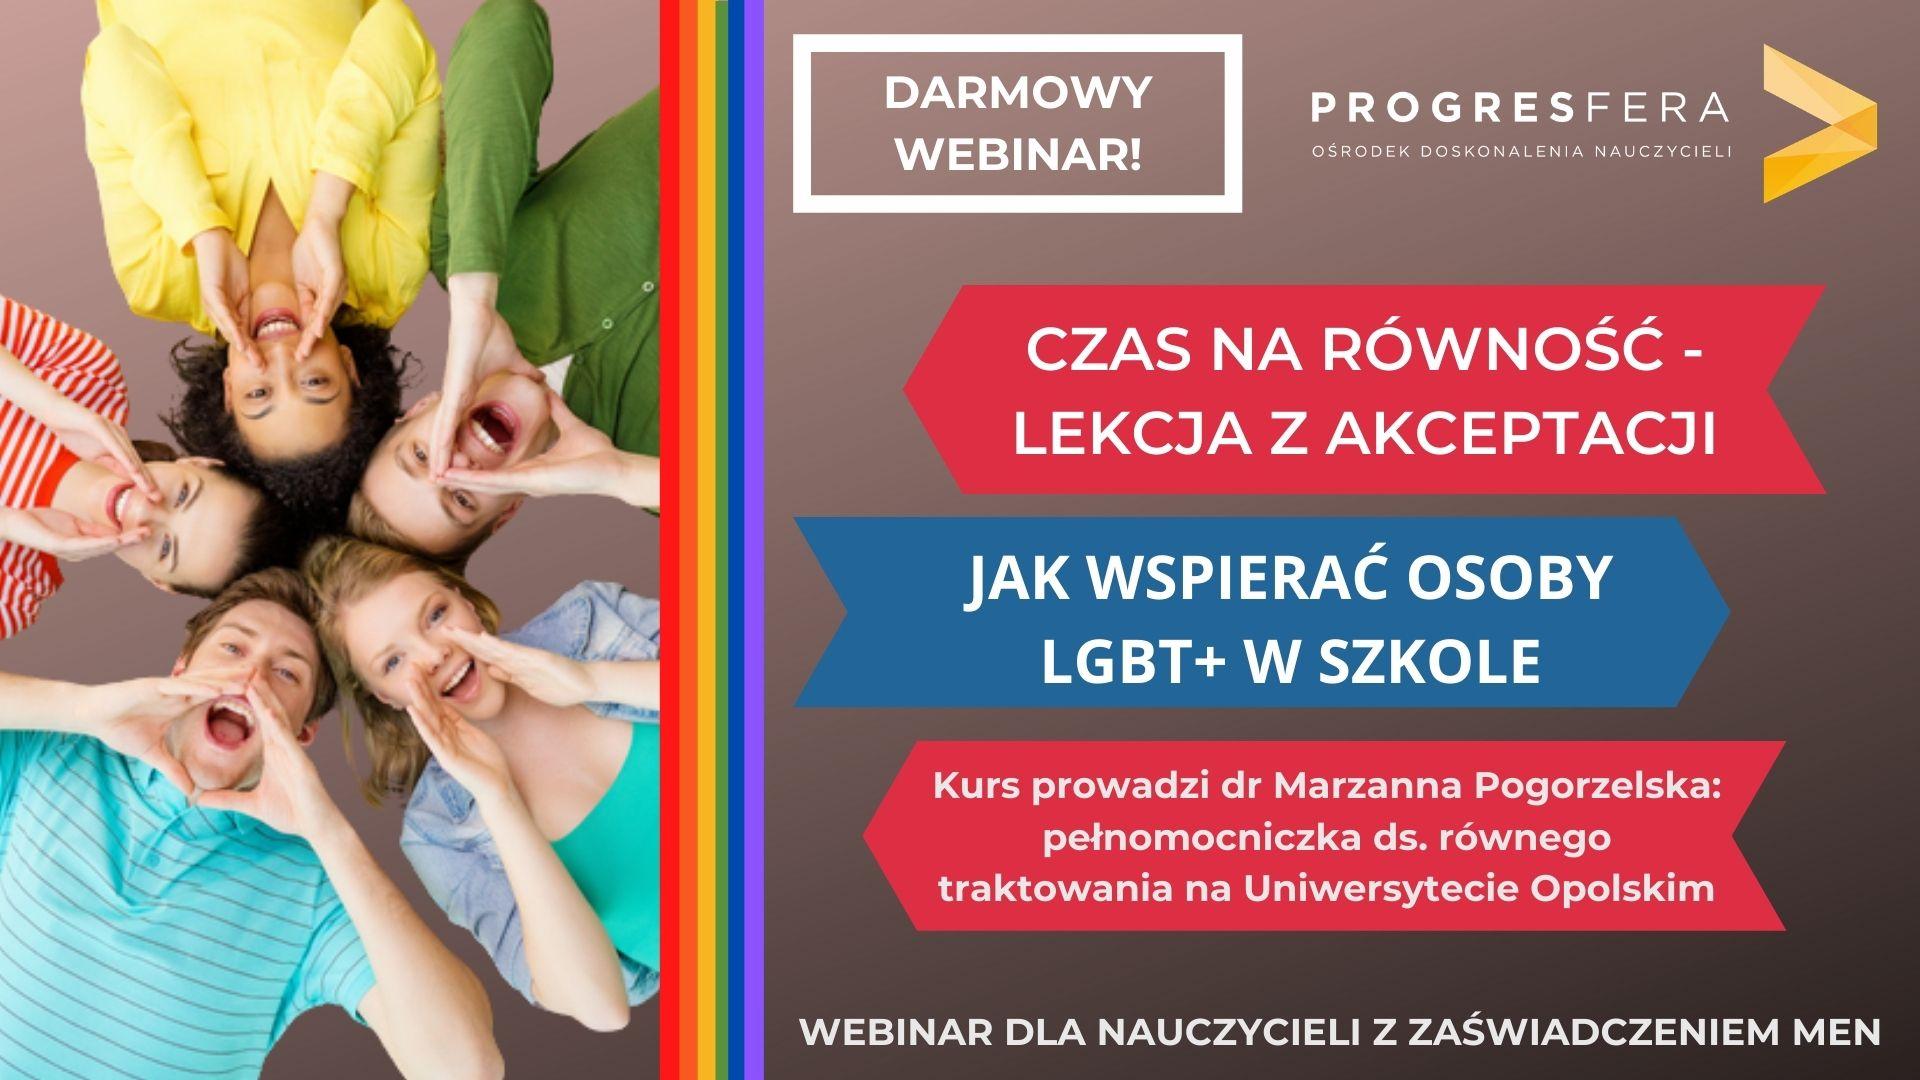 osoby LGBT+ w szkole